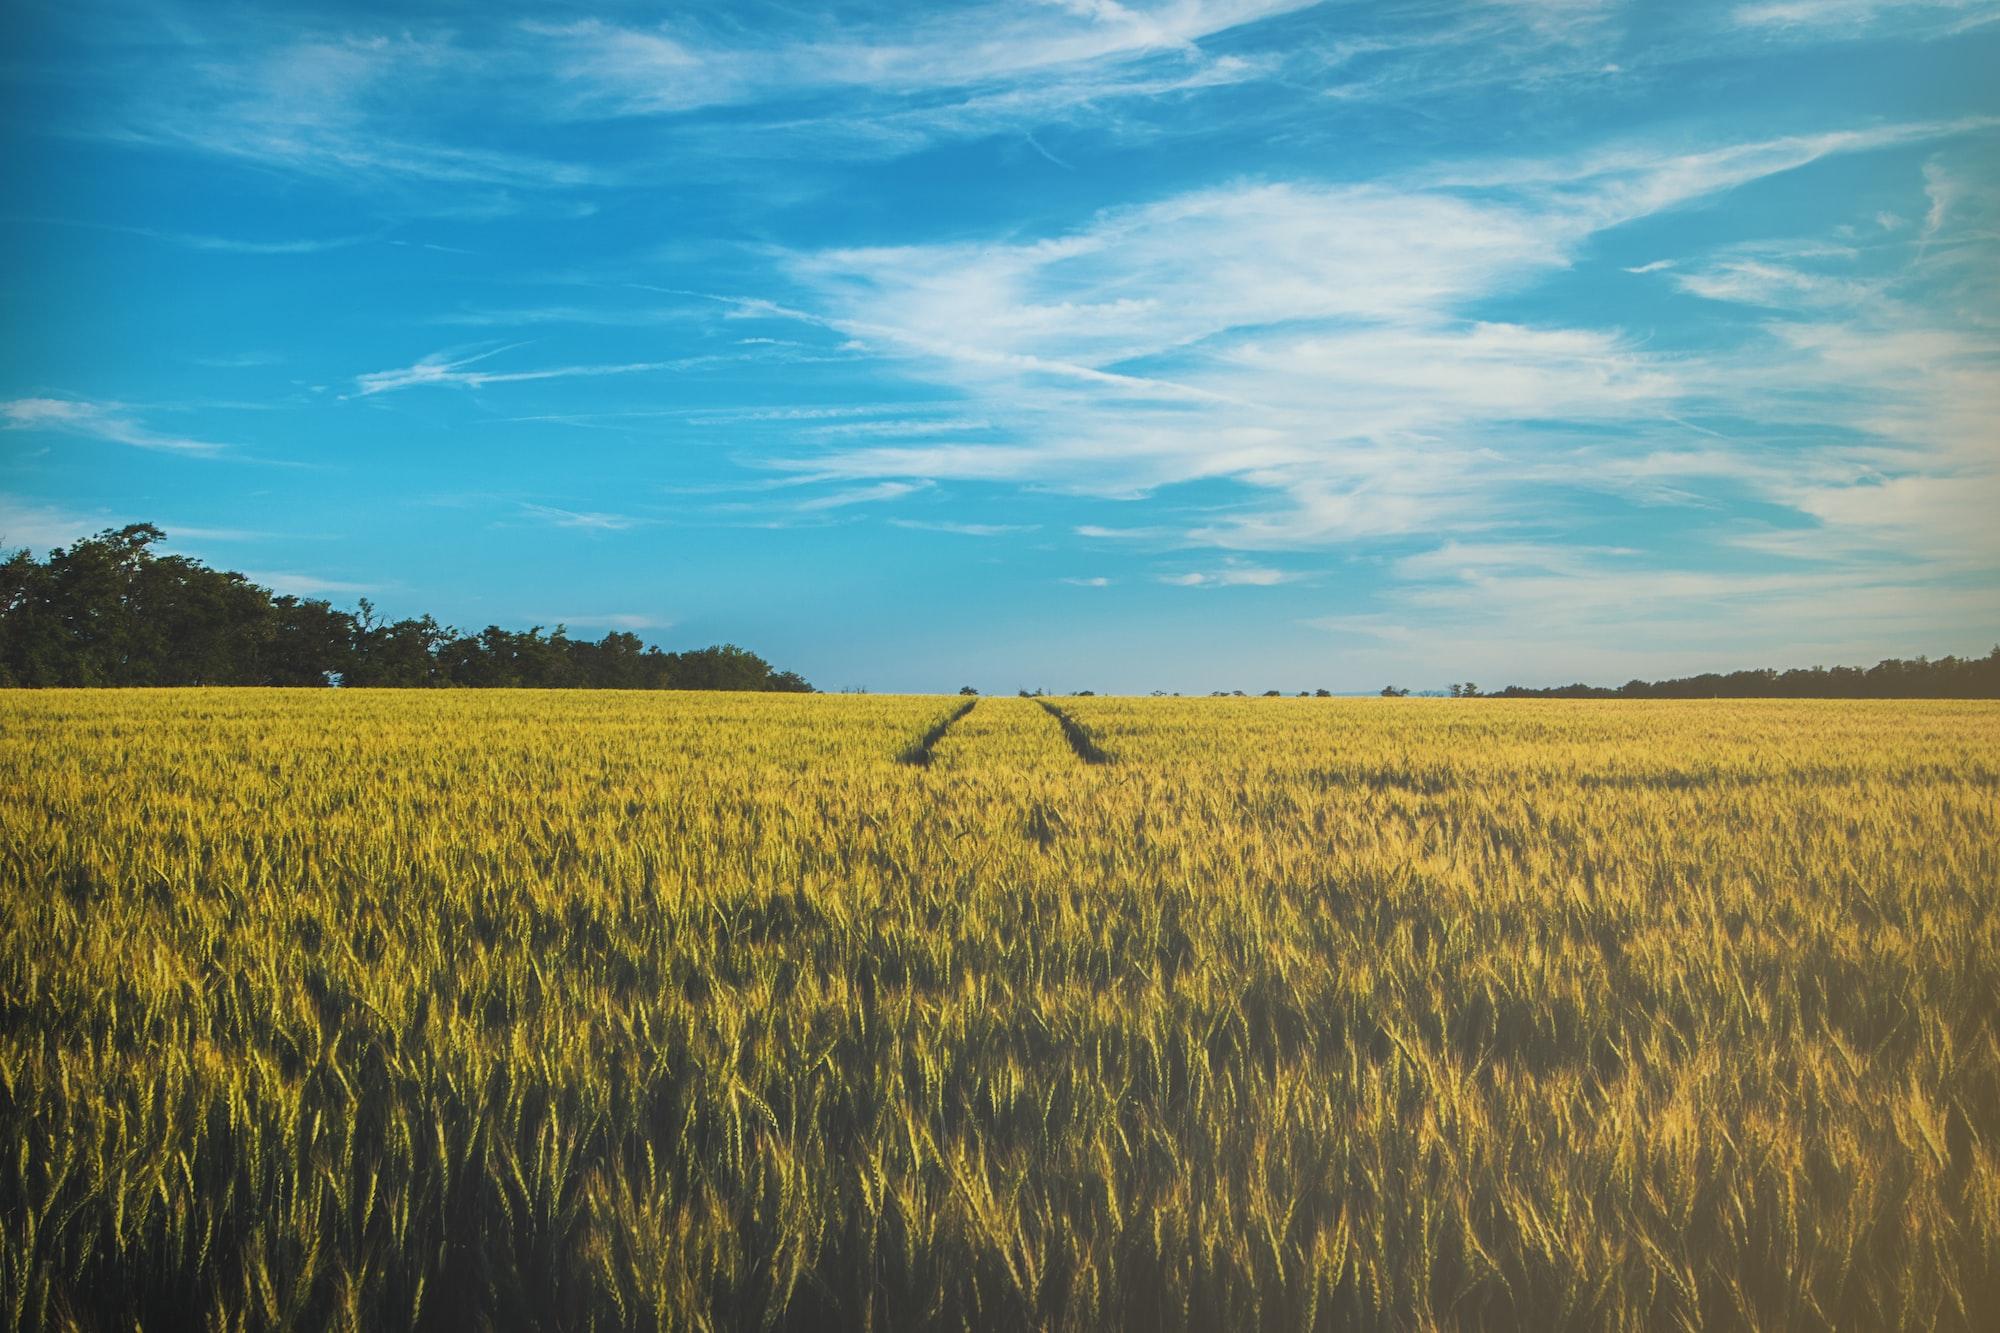 Zapytanie nr 2116 do ministra rolnictwa i rozwoju wsi w sprawie udostępnienia rekomendacji europejskiego komisarza ds. rolnictwa i rozwoju wsi Janusza Wojciechowskiego dotyczących tworzenia krajowych planów strategicznych